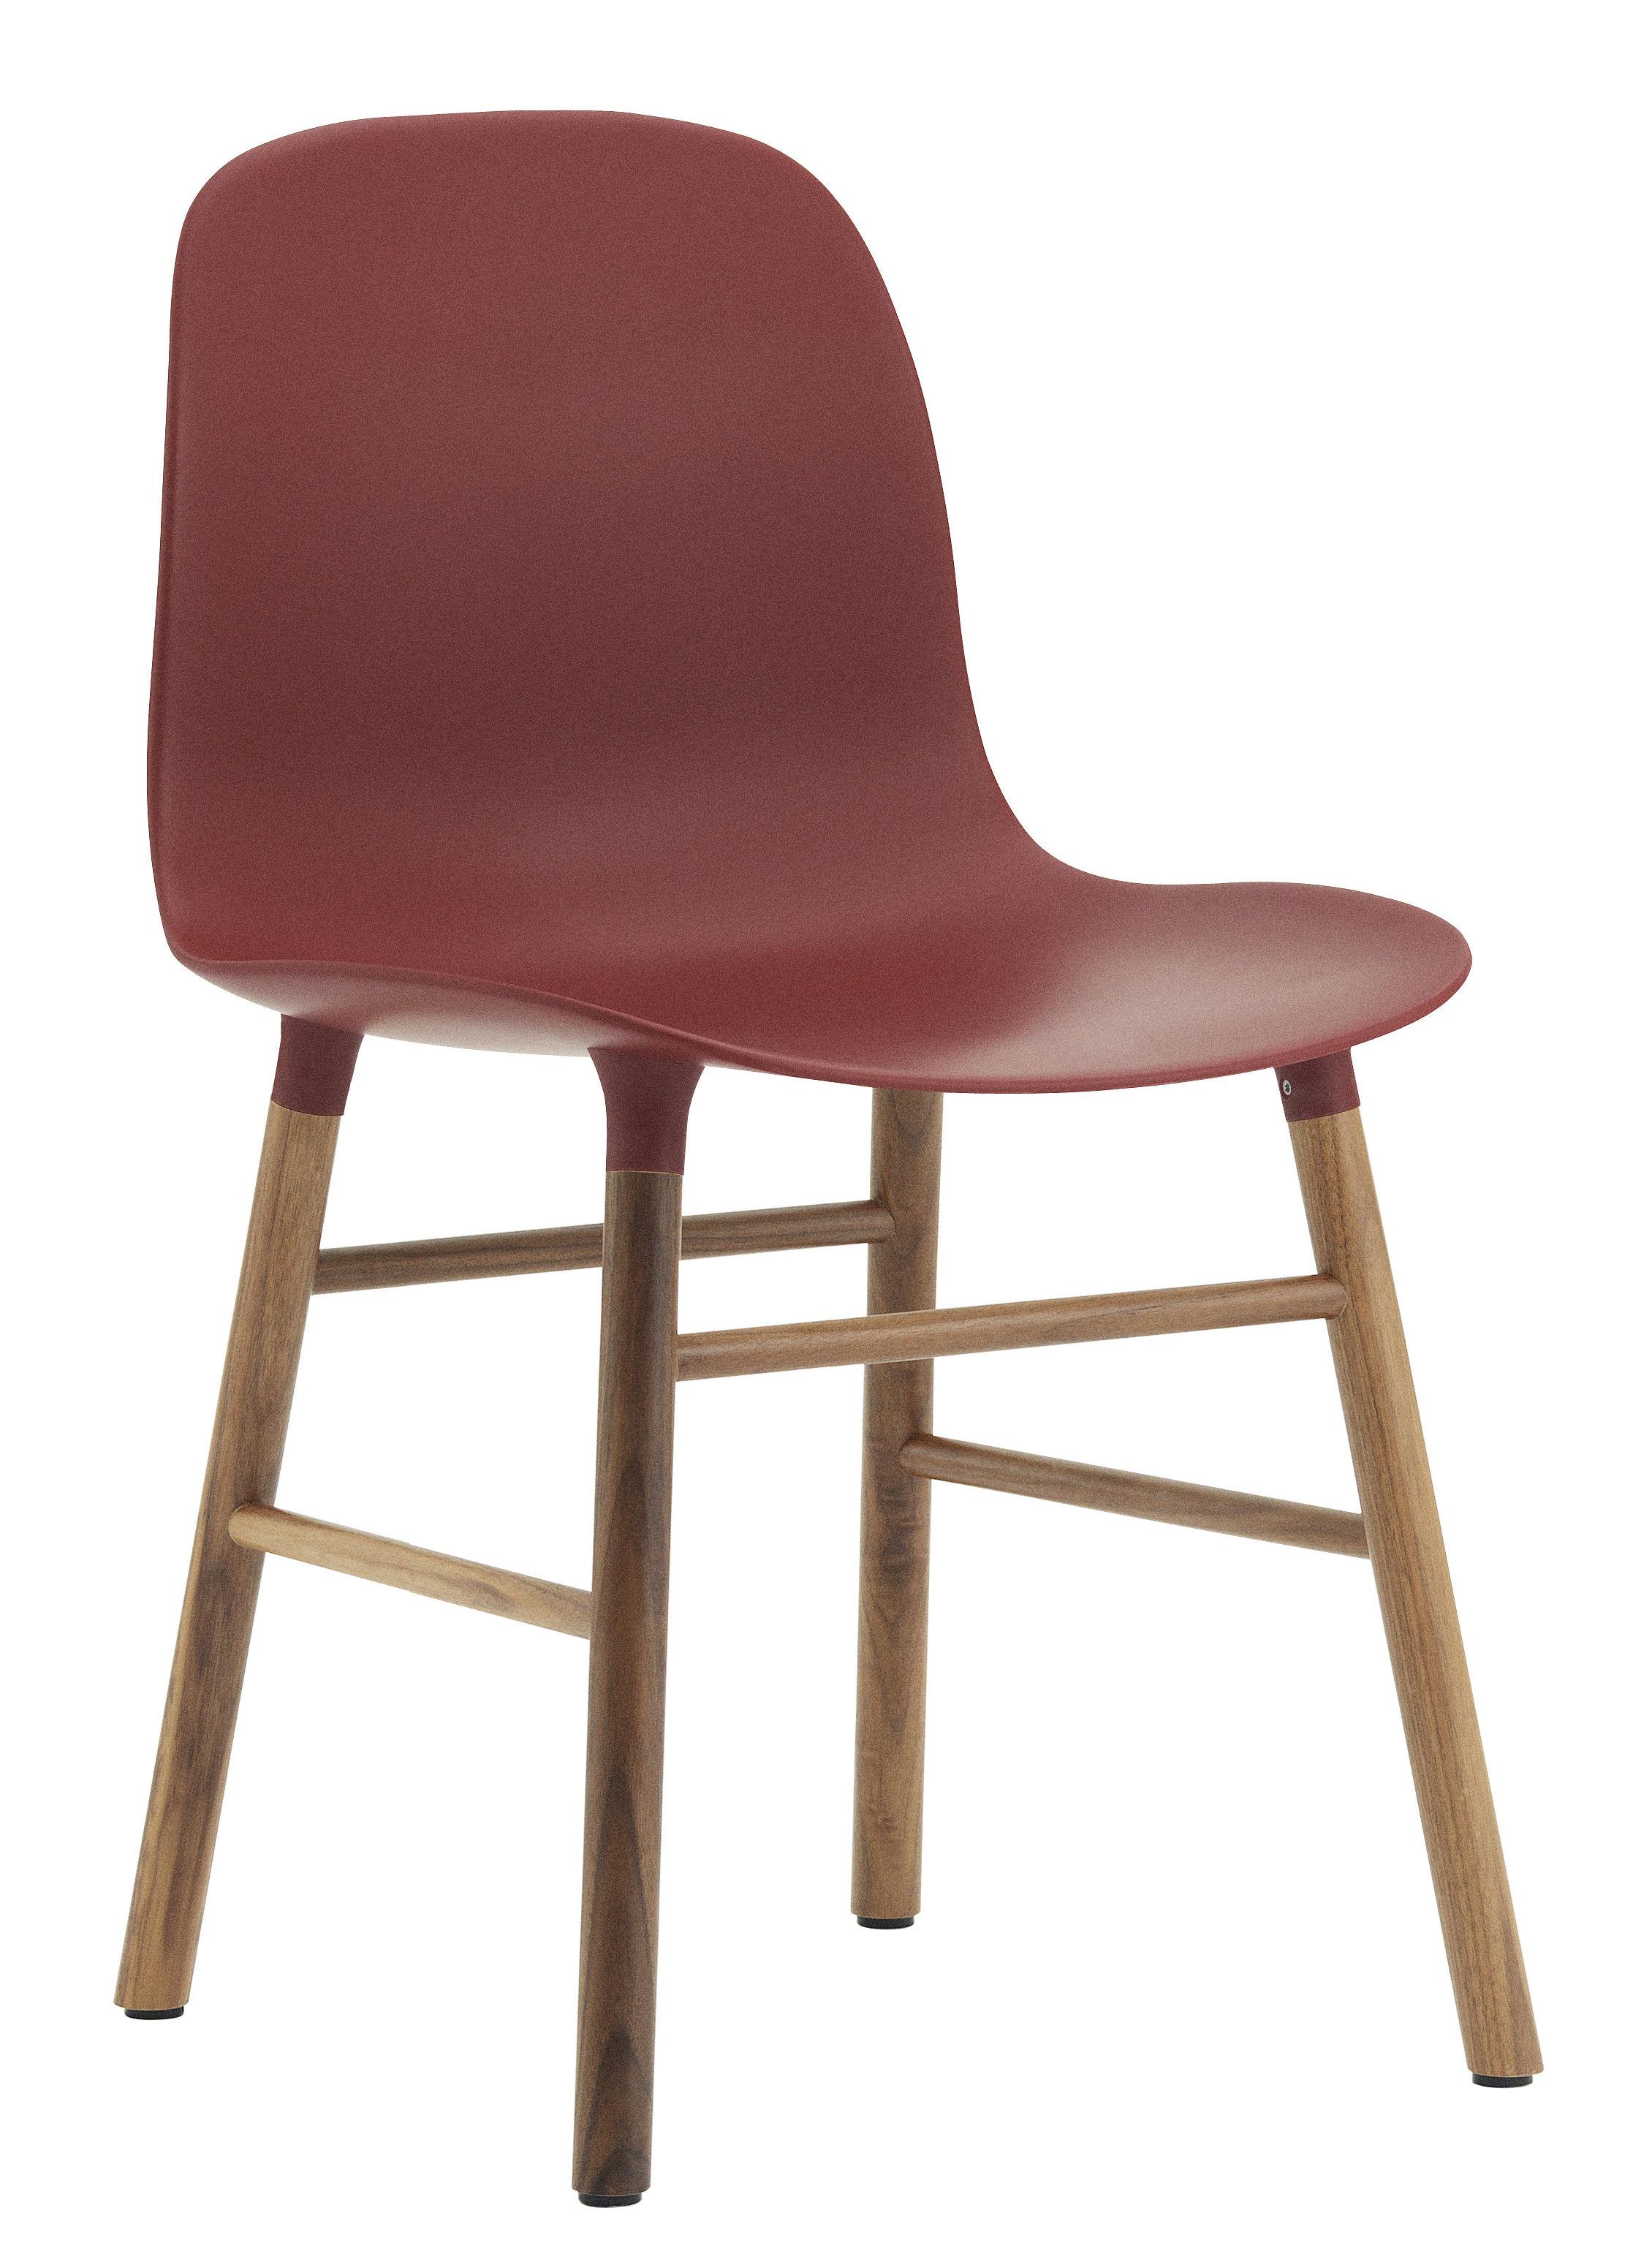 Mobilier - Chaises, fauteuils de salle à manger - Chaise Form / Pied noyer - Normann Copenhagen - Rouge / noyer - Noyer, Polypropylène